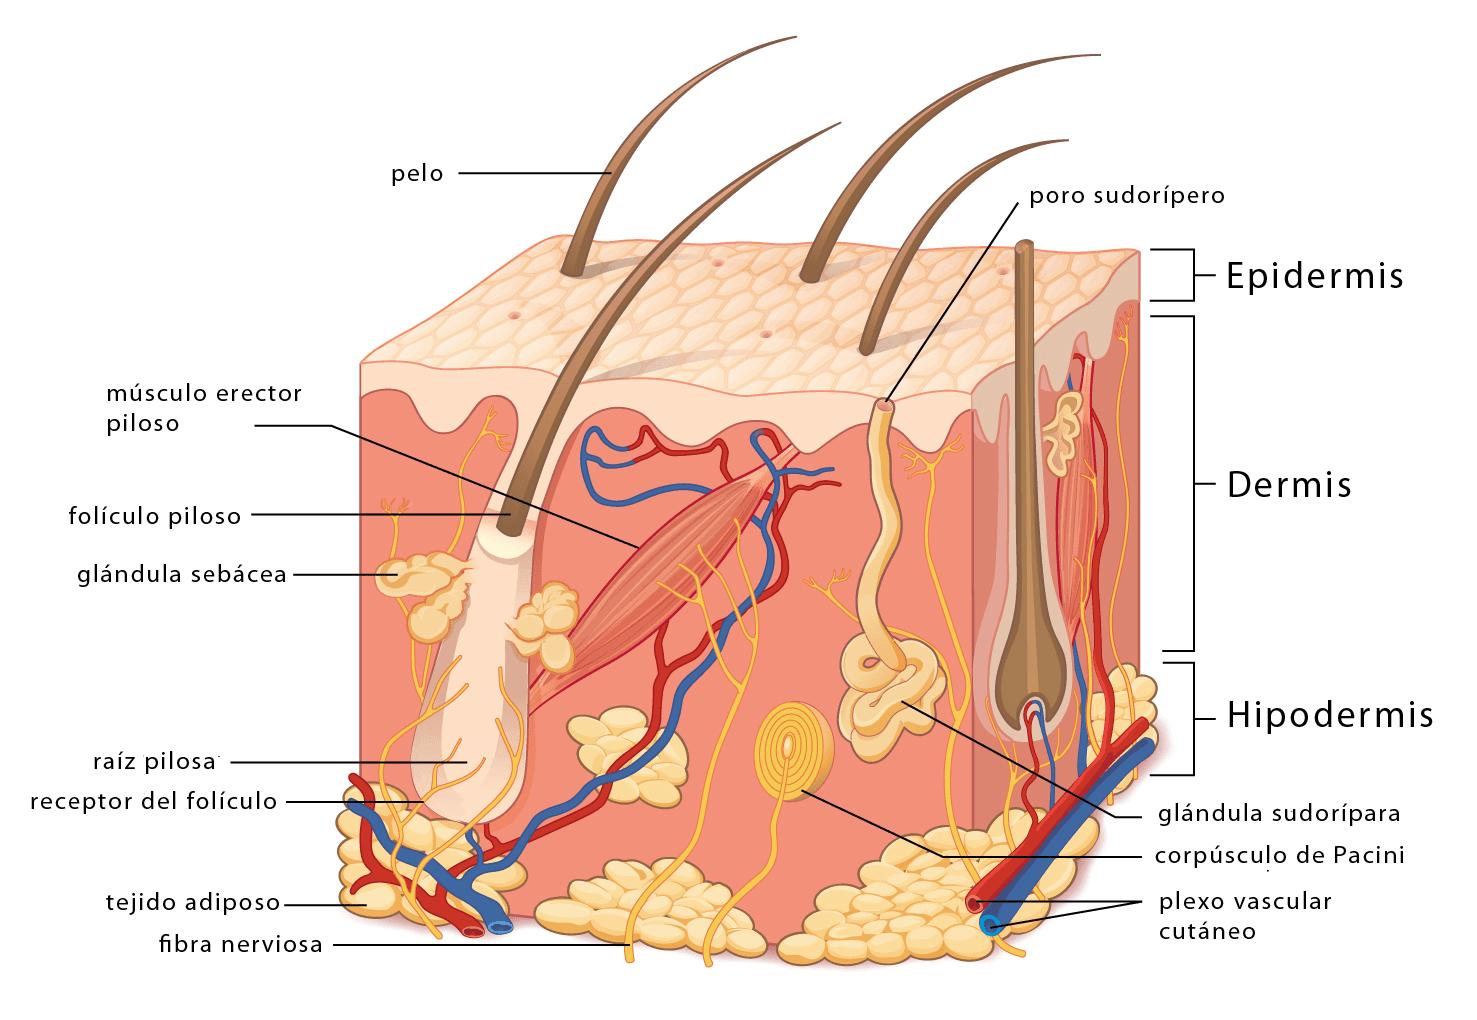 hight resolution of u00bfcu u00e1ntas capas tiene la piel curiosoando frog integumentary system diagram integumentary system comparison